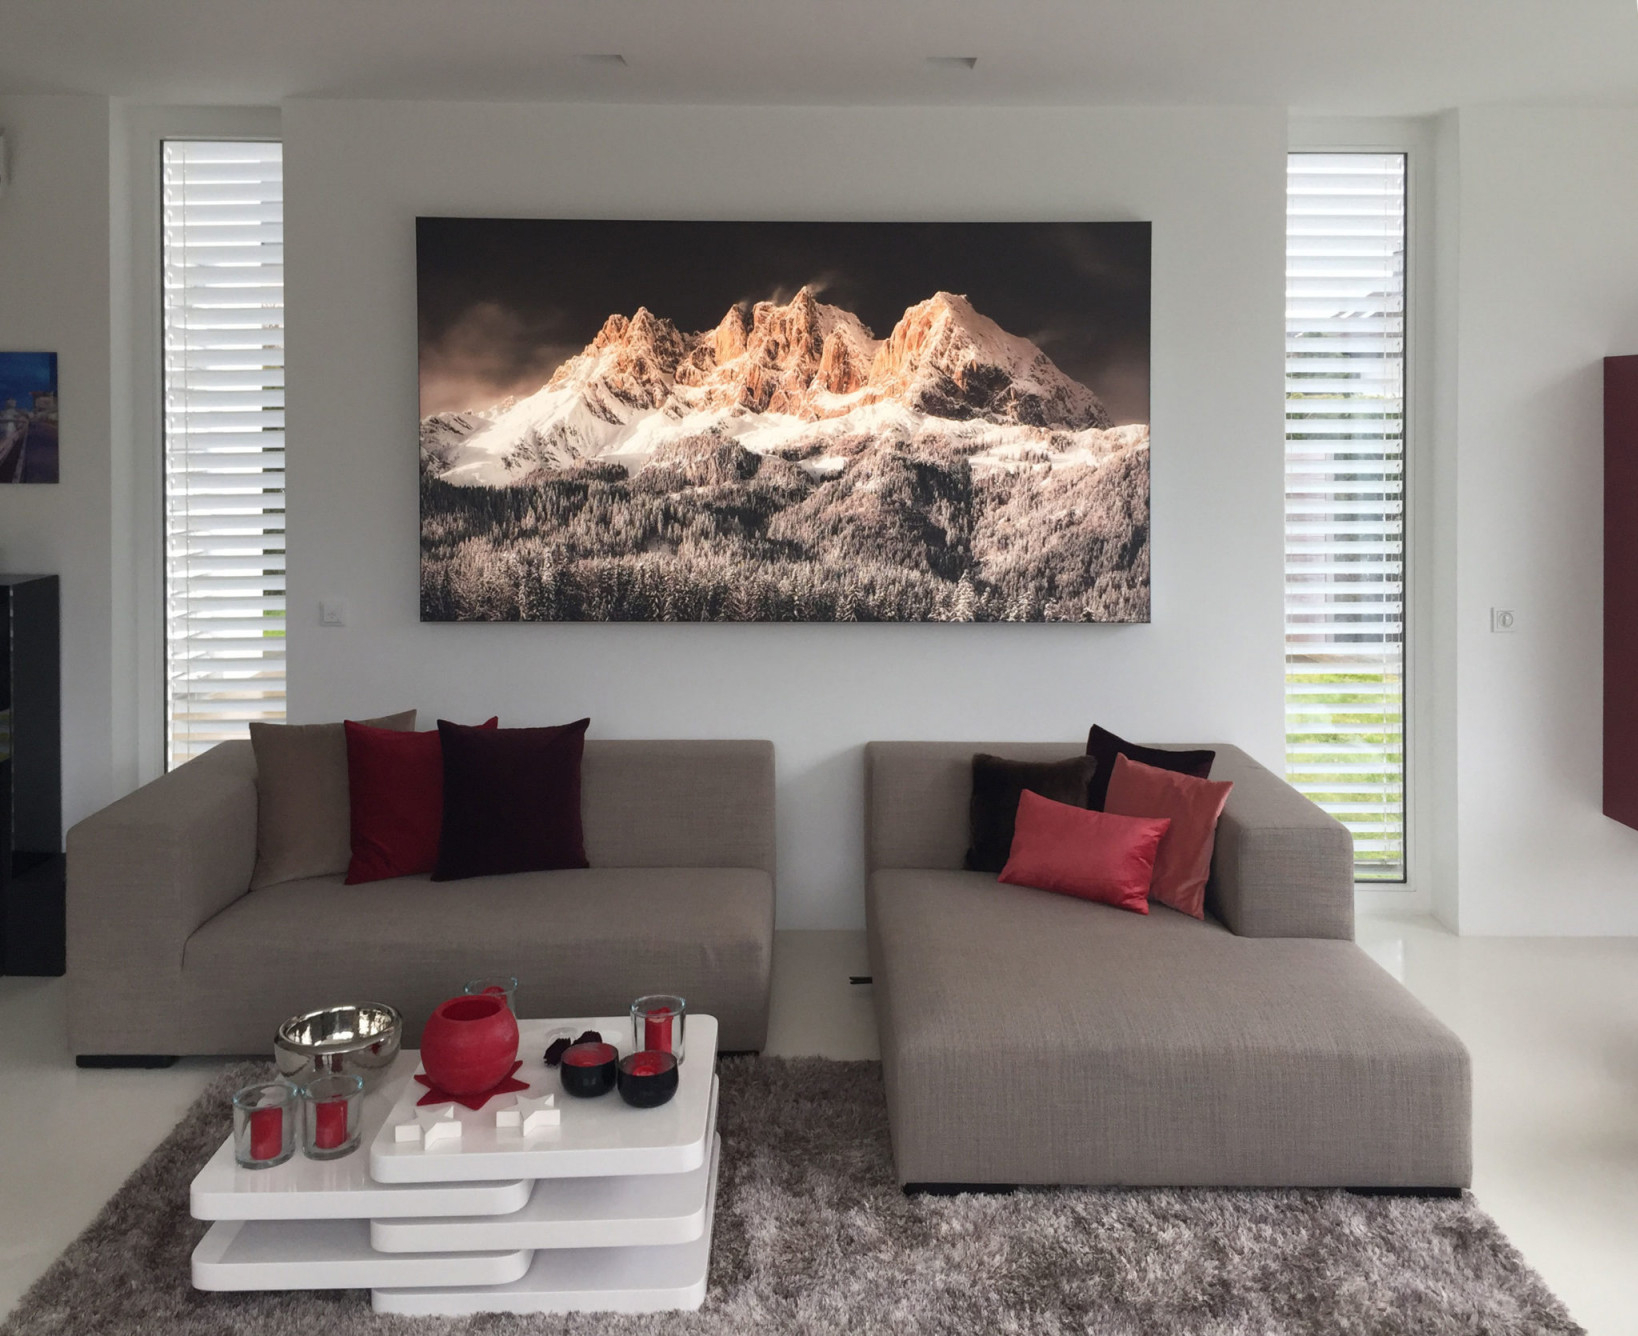 Leuchtbilder Mit Individueller Ccs Led Technik Ausgestattet von Bilder Großformat Wohnzimmer Photo